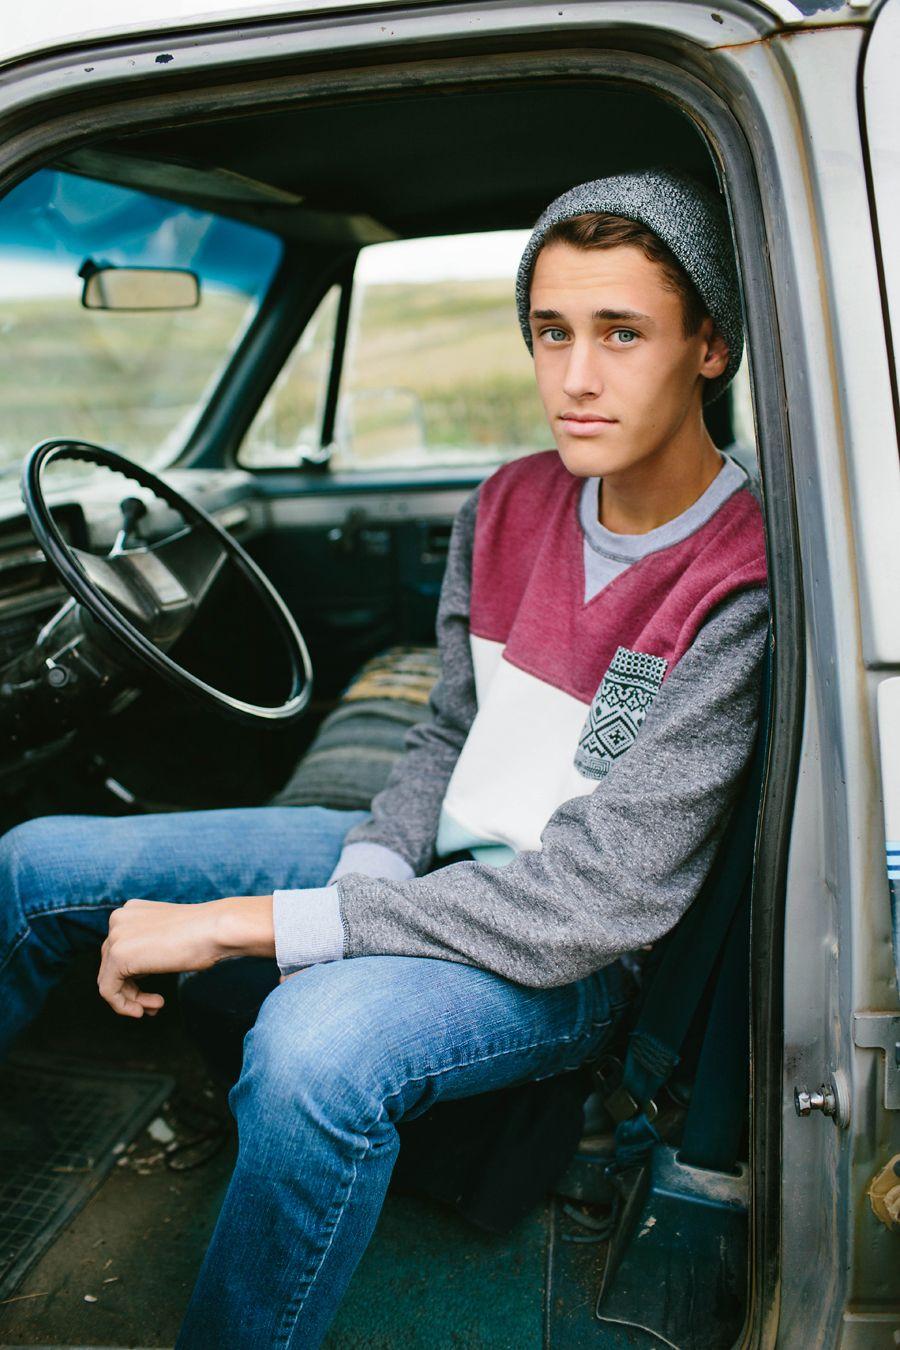 Truck Senior Photo Good Idea For A High School Boys -4005